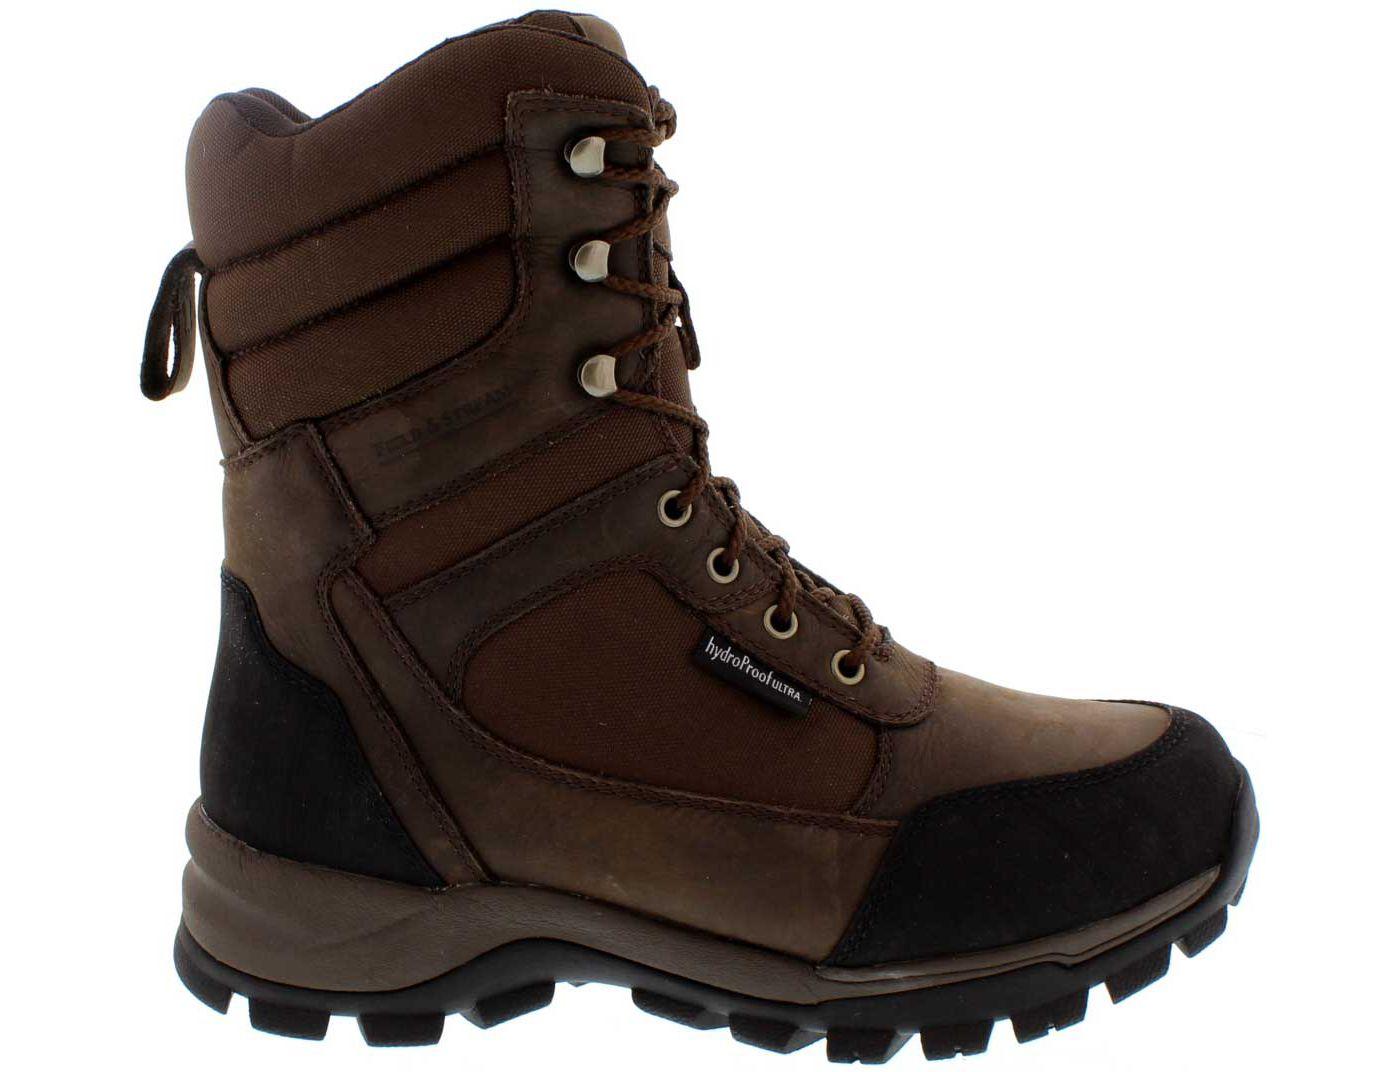 Field & Stream Men's Silent Tracker 1000g Waterproof Field Hunting Boots